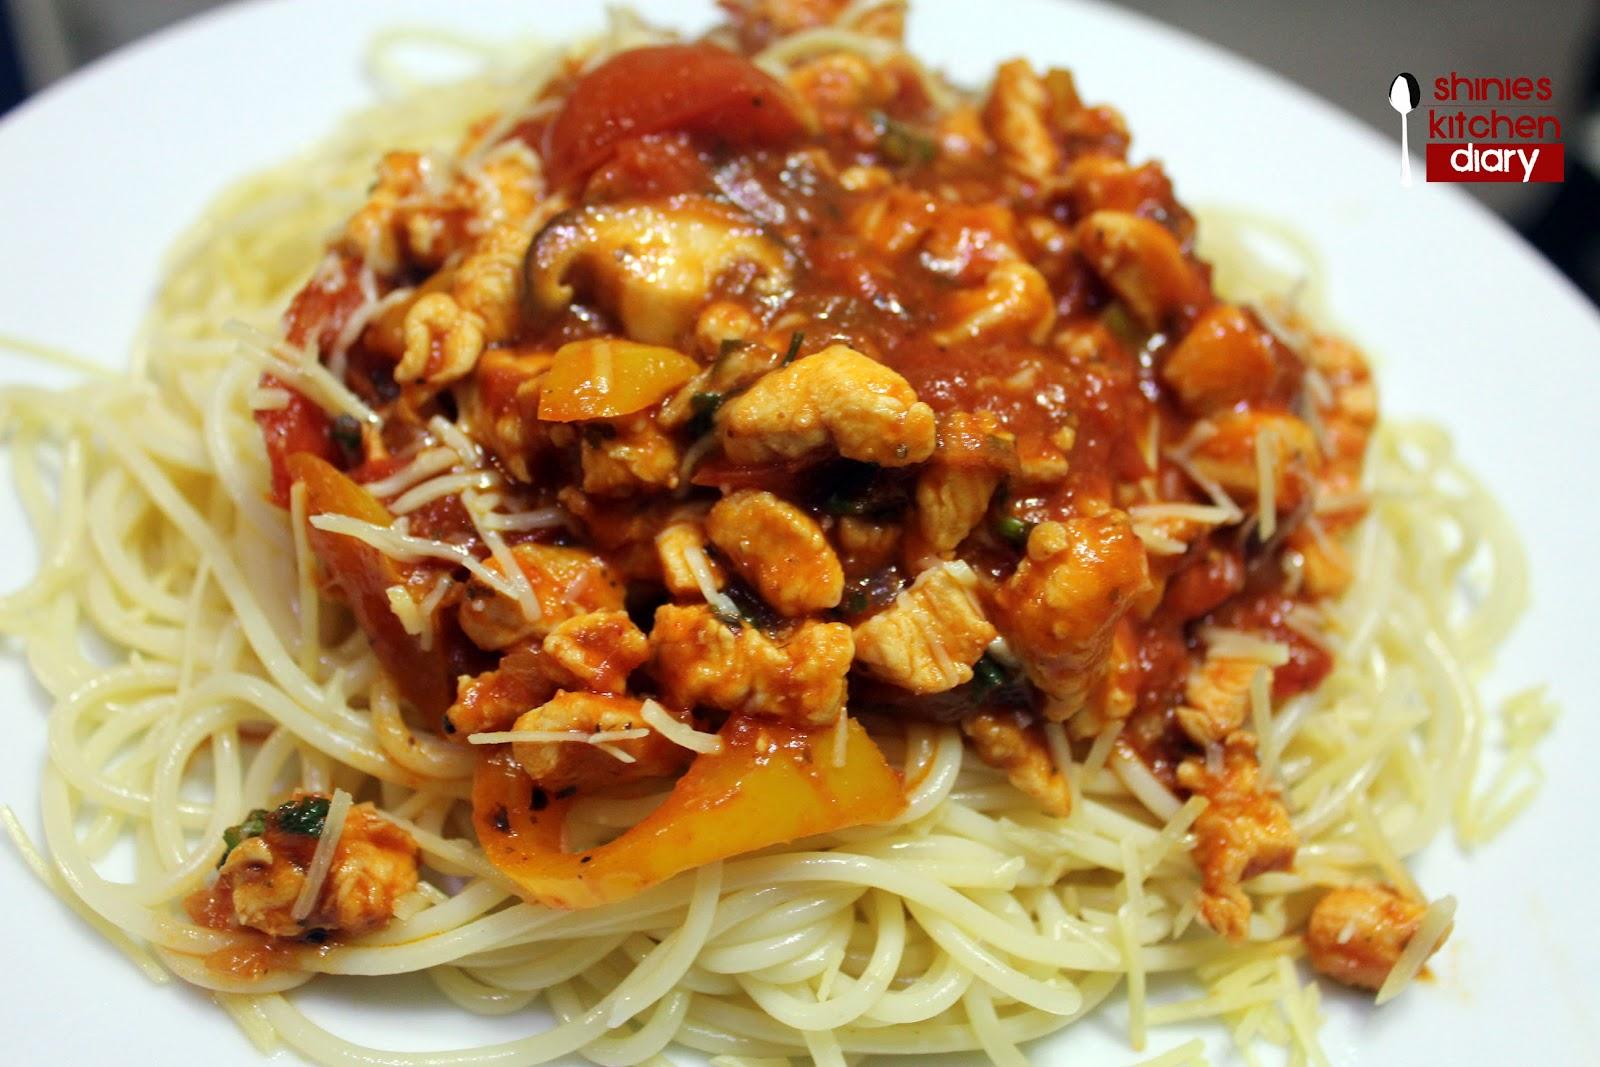 Spaghetti Bolognese - The Cozy Cook |Spaghetti Bolognese Chicken